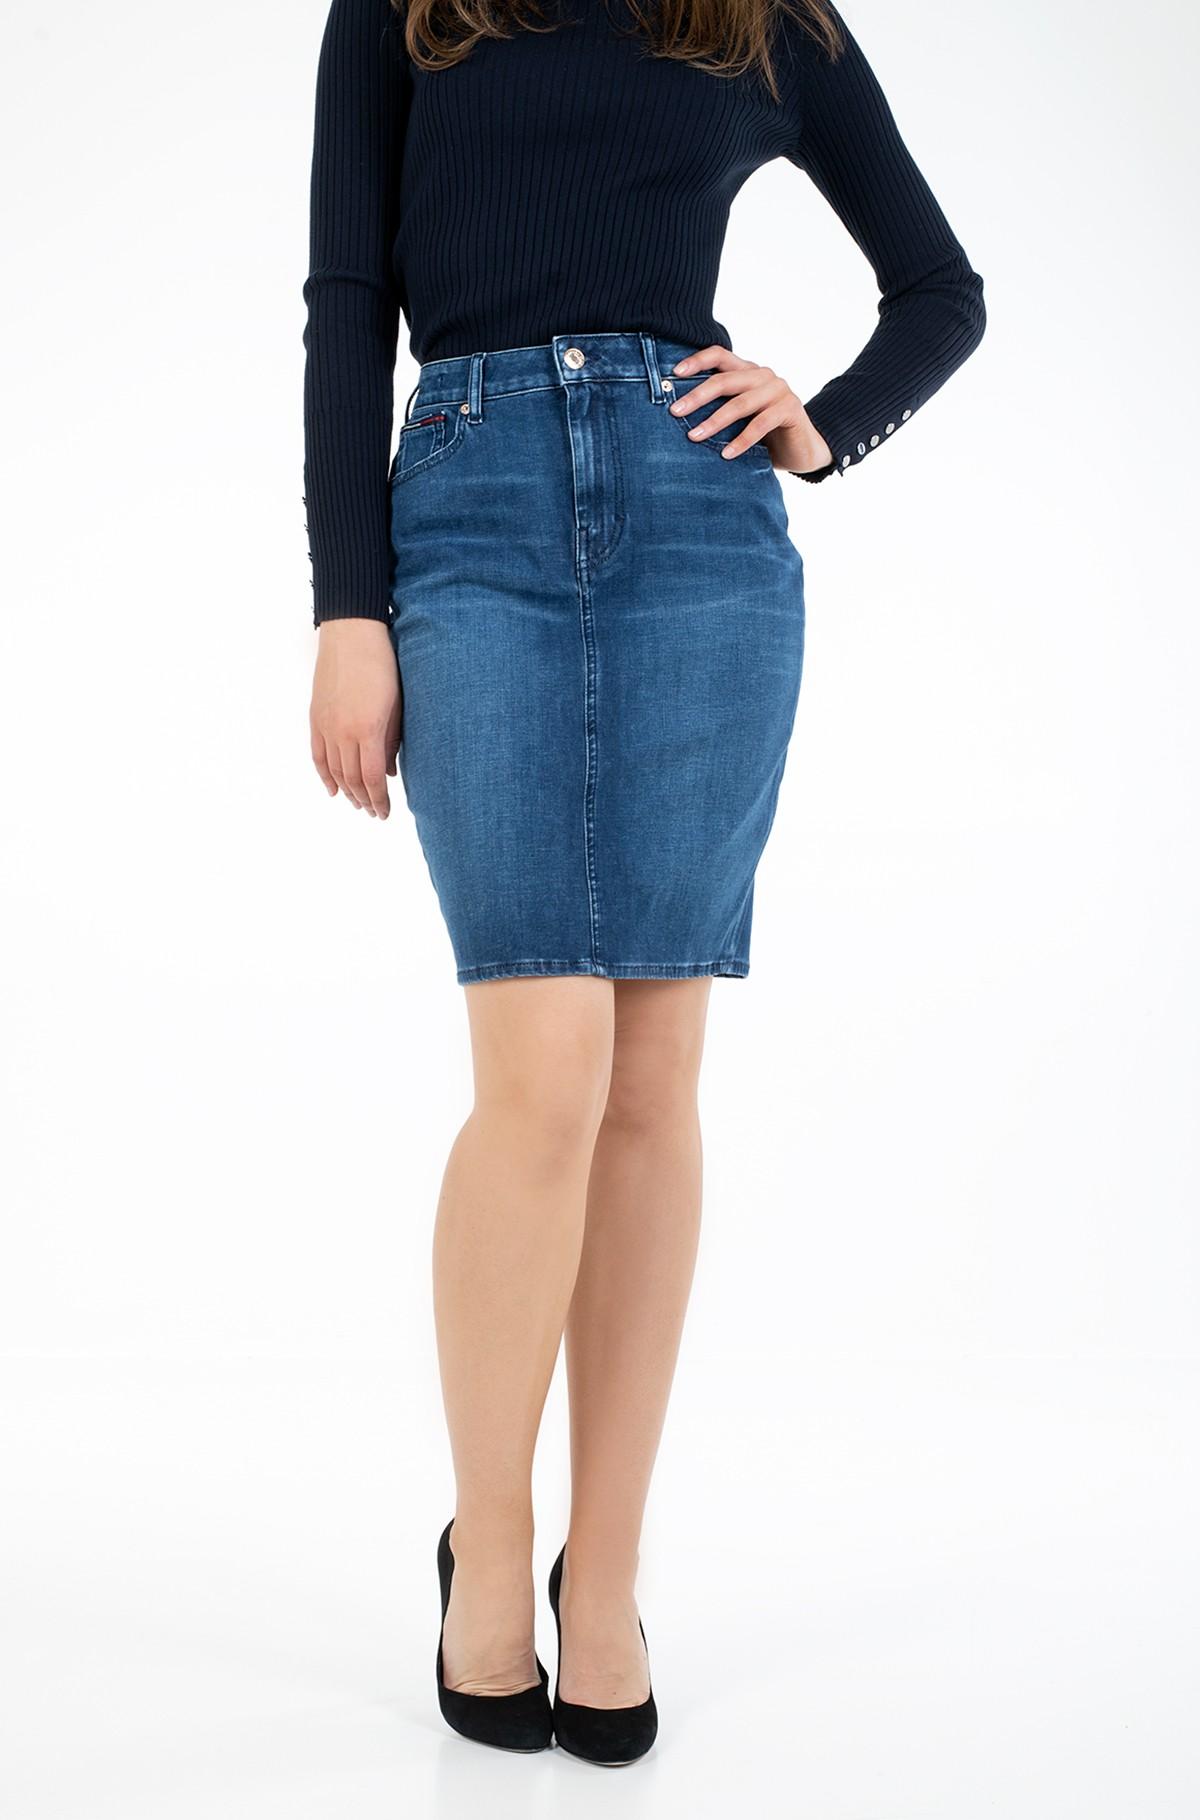 Skirt HIGH WAIST DENIM SKIRT DYADK-full-1